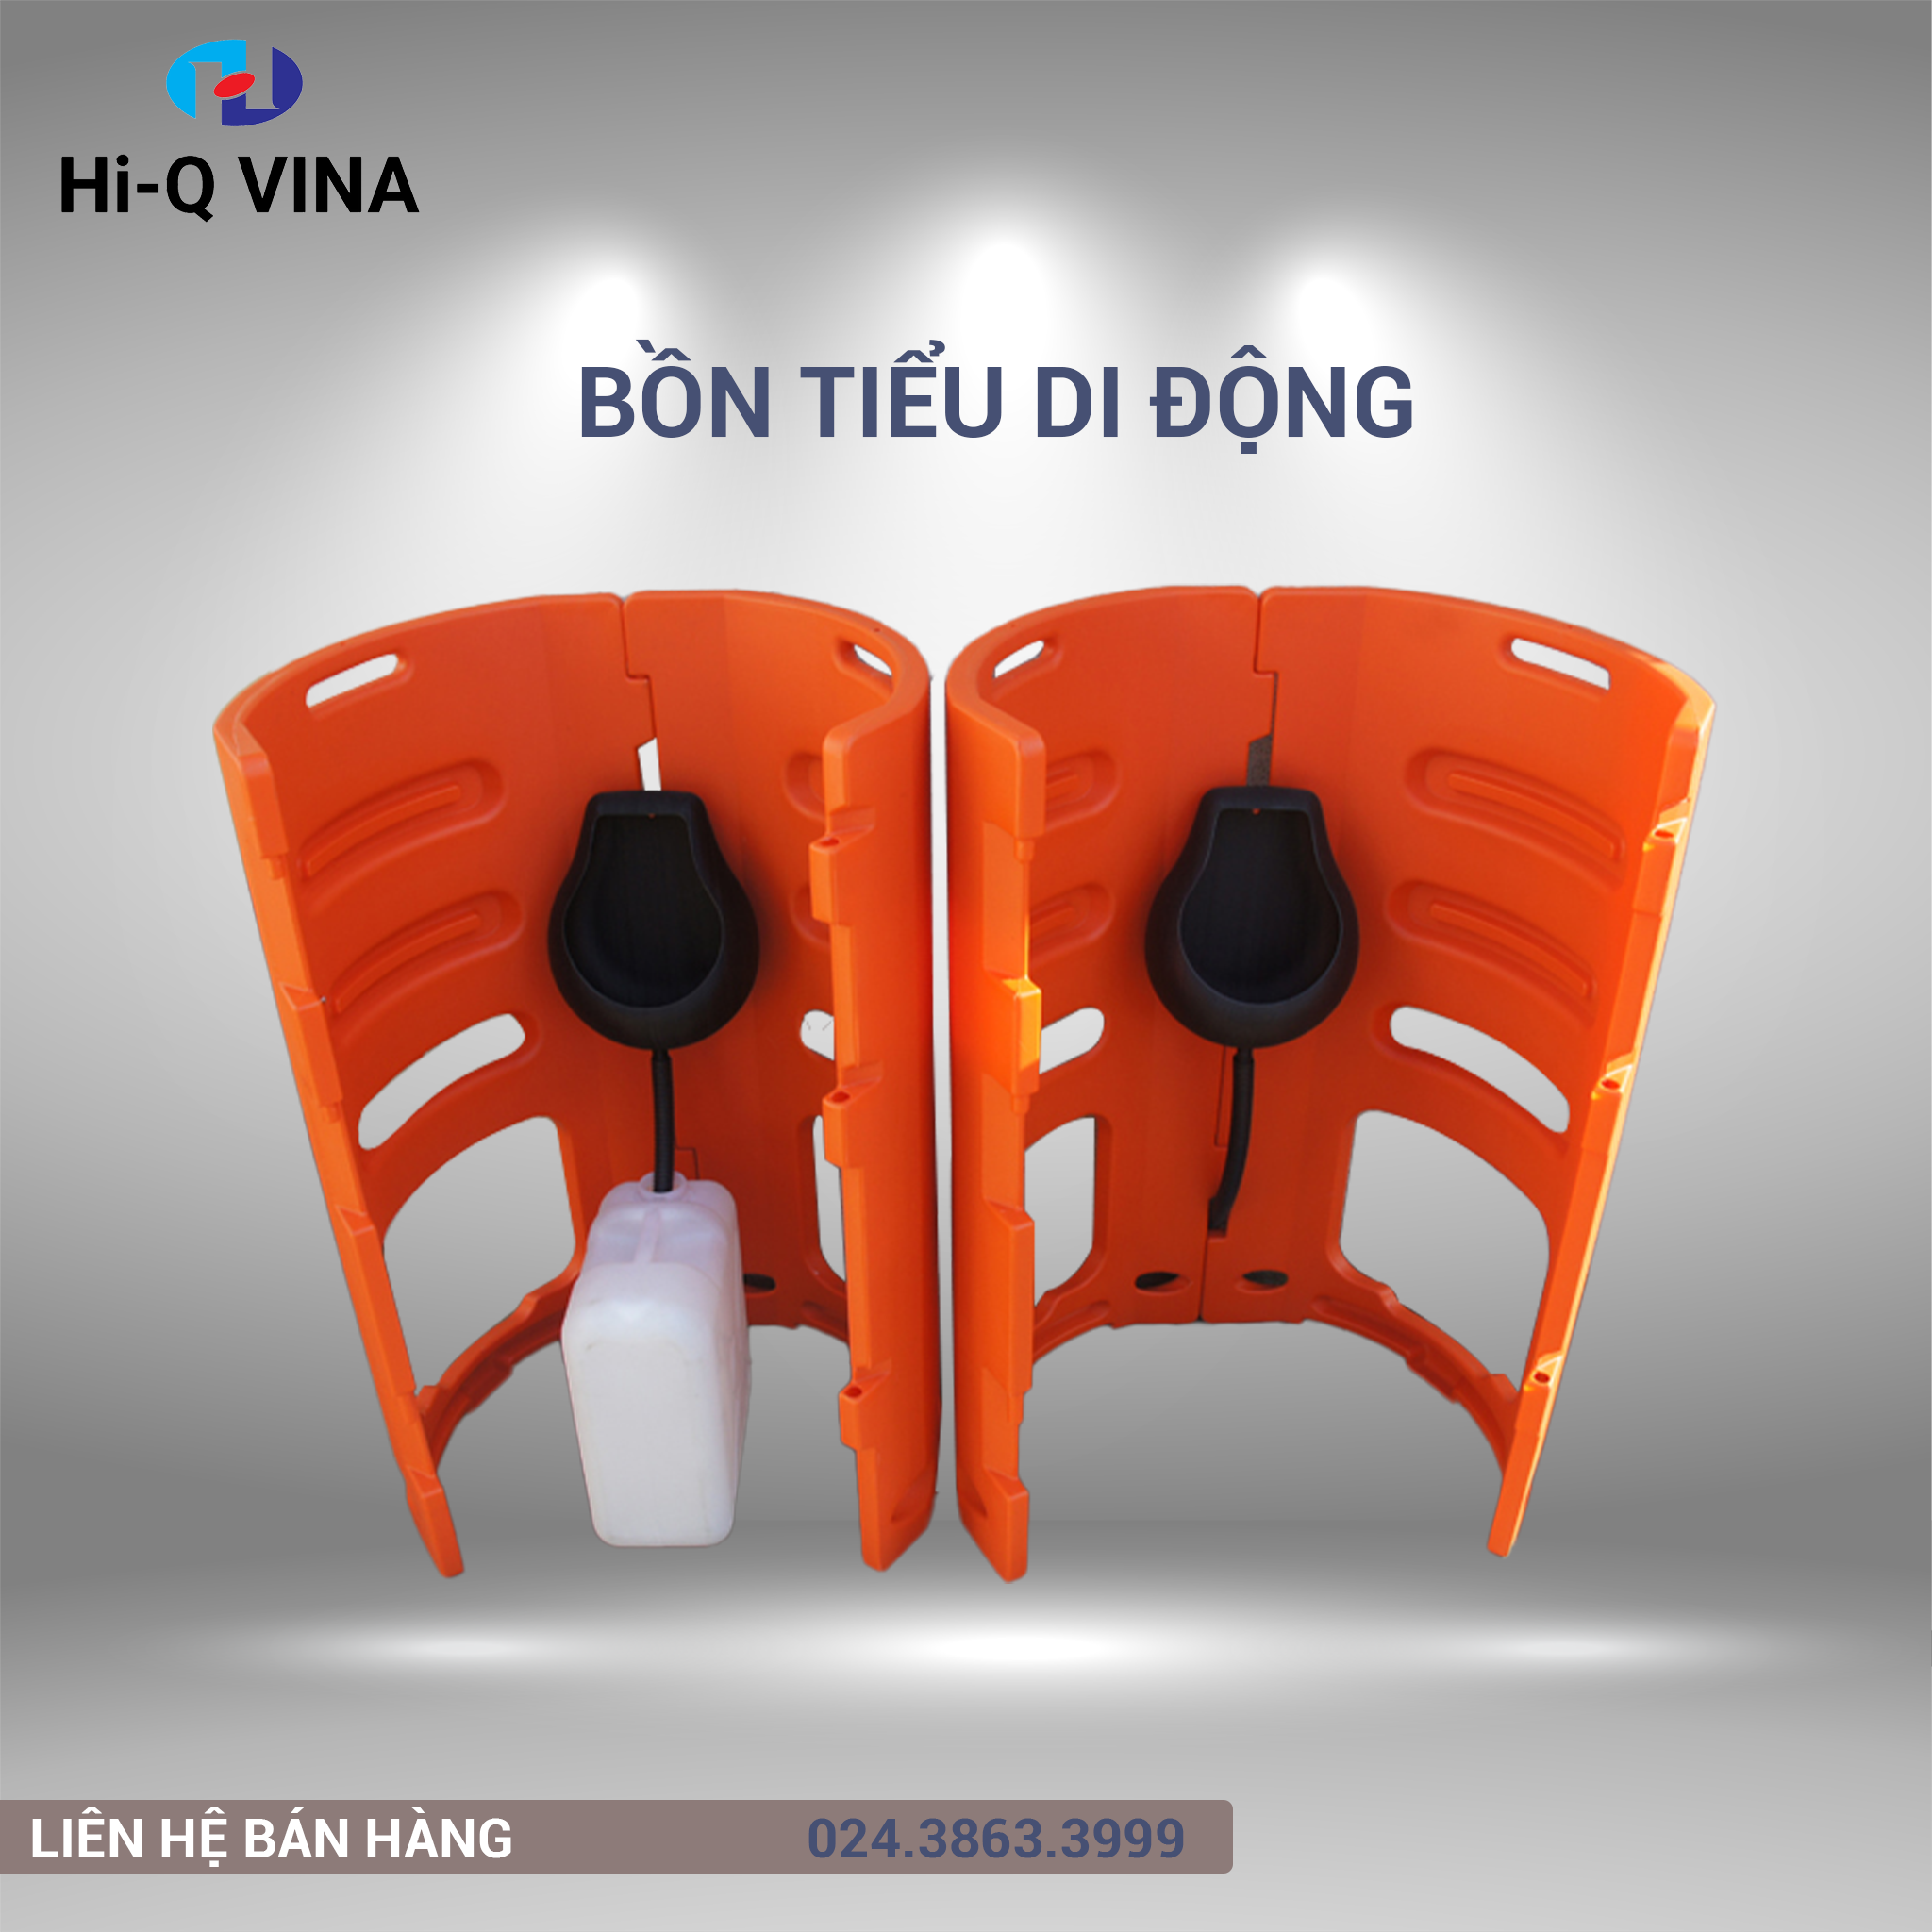 2-Bon tieu di dong